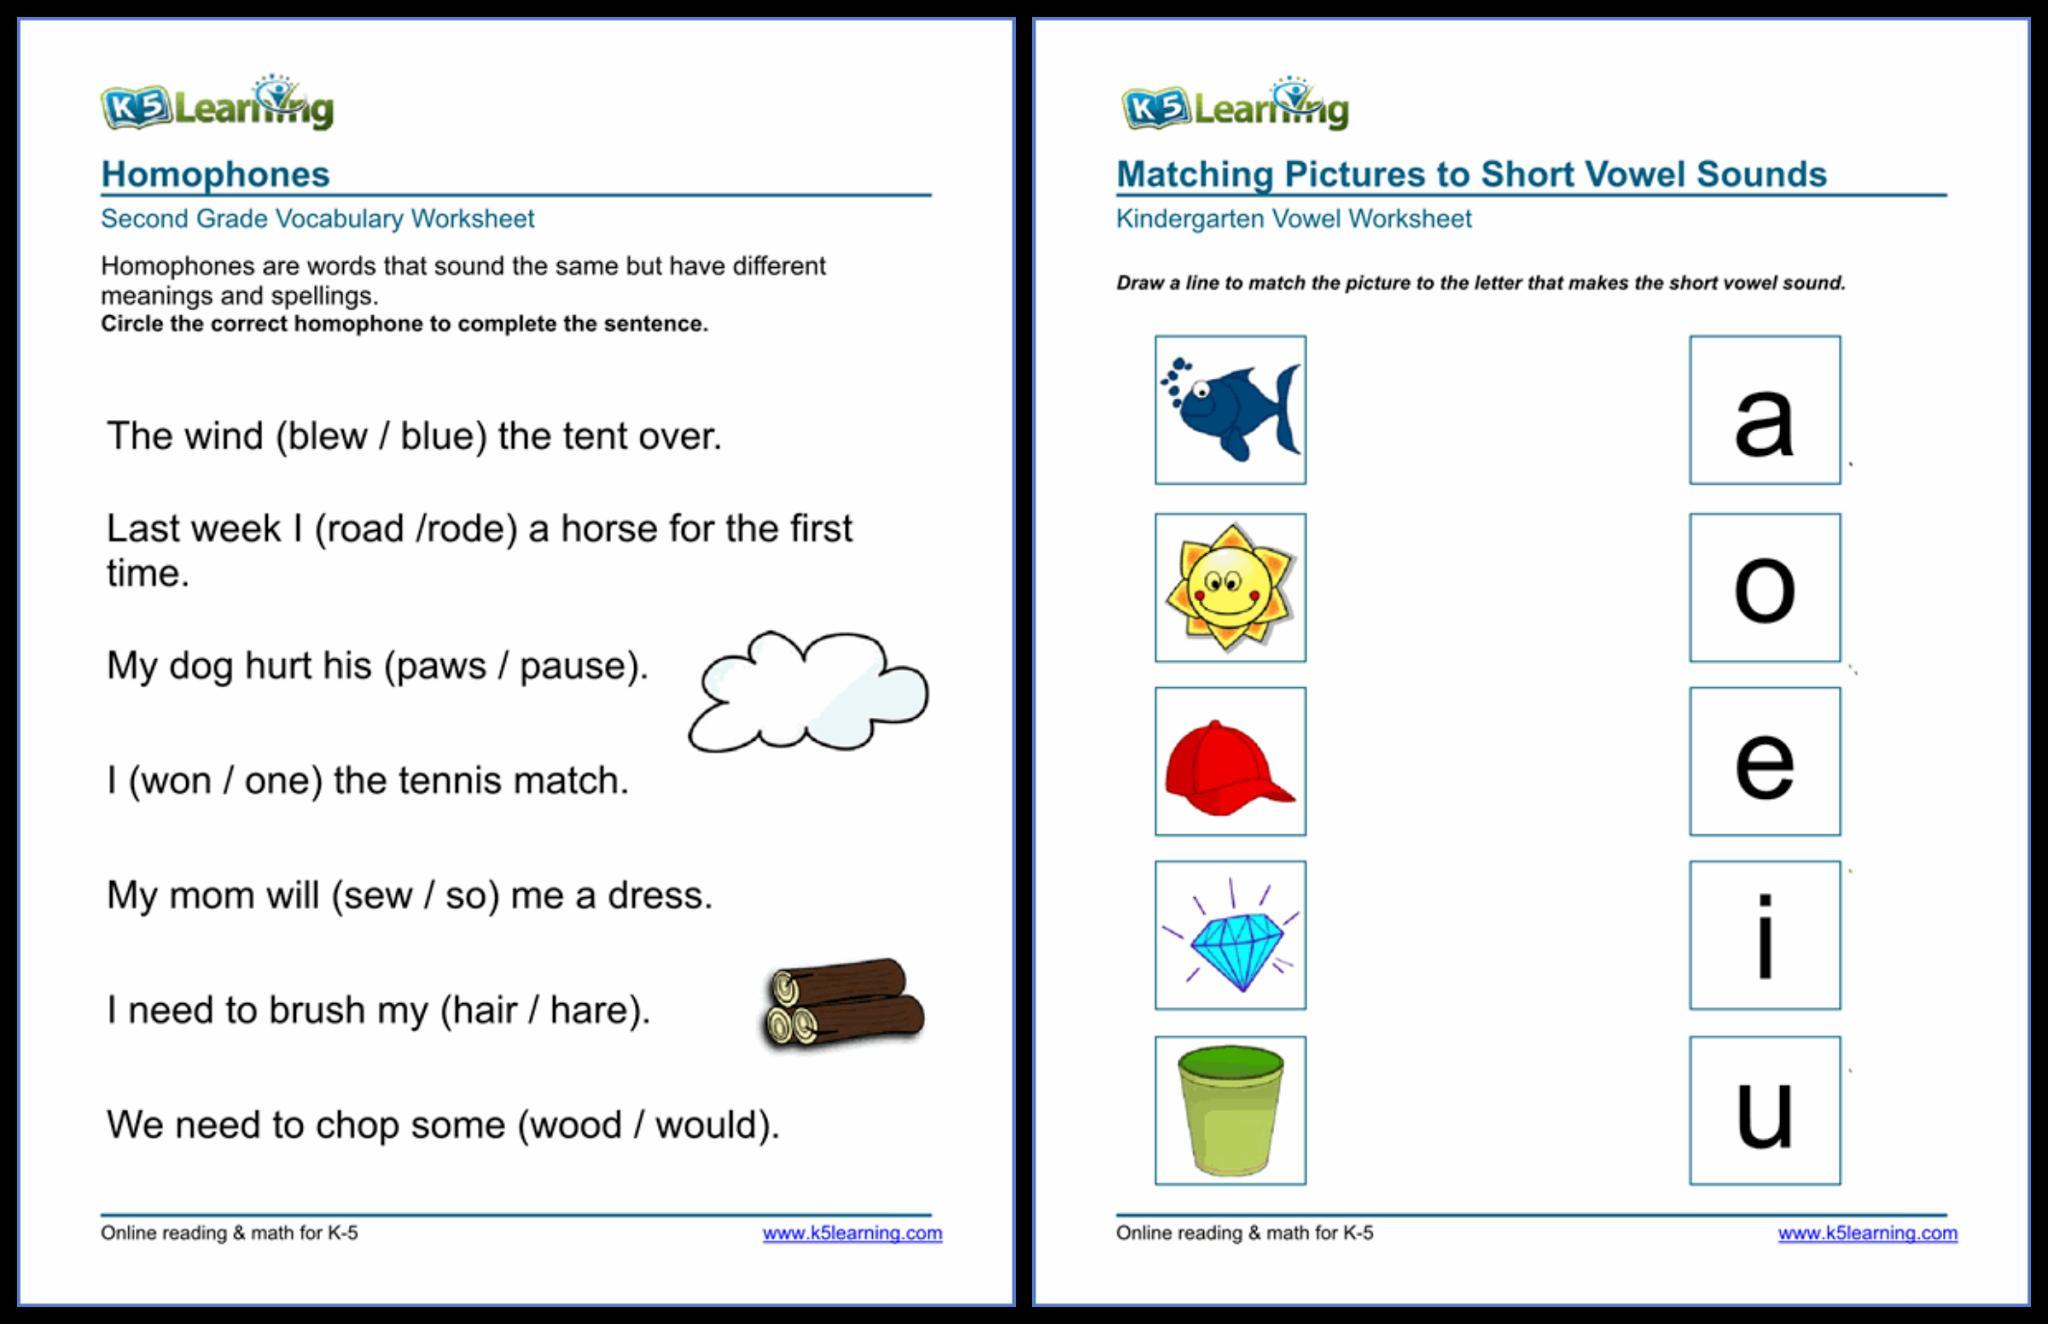 Preschool Worksheets K5 Learning 4